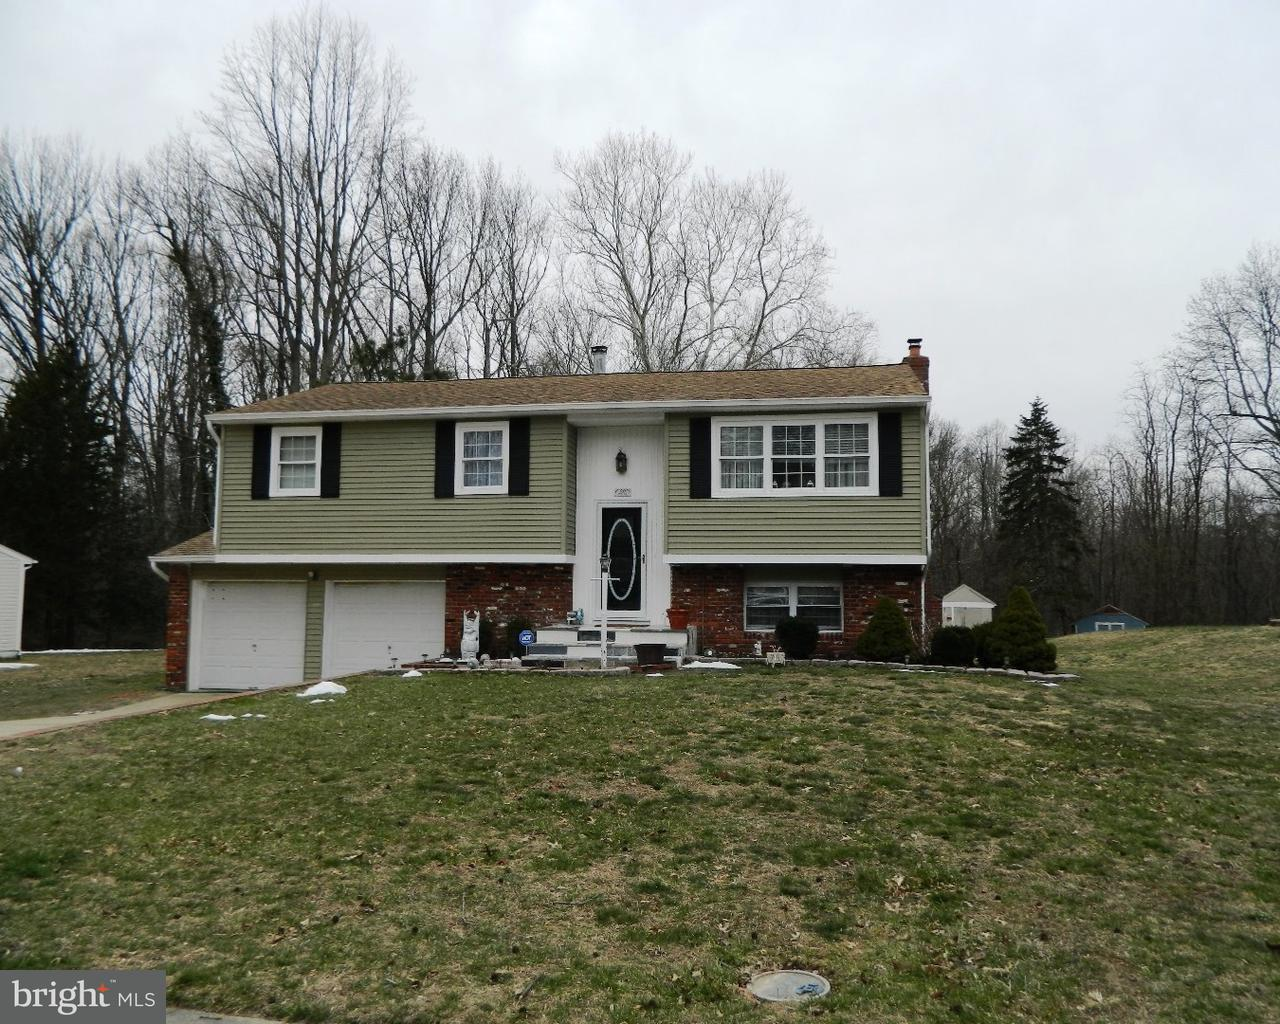 独户住宅 为 销售 在 20 SHERRI WAY Pine Hill, 新泽西州 08021 美国